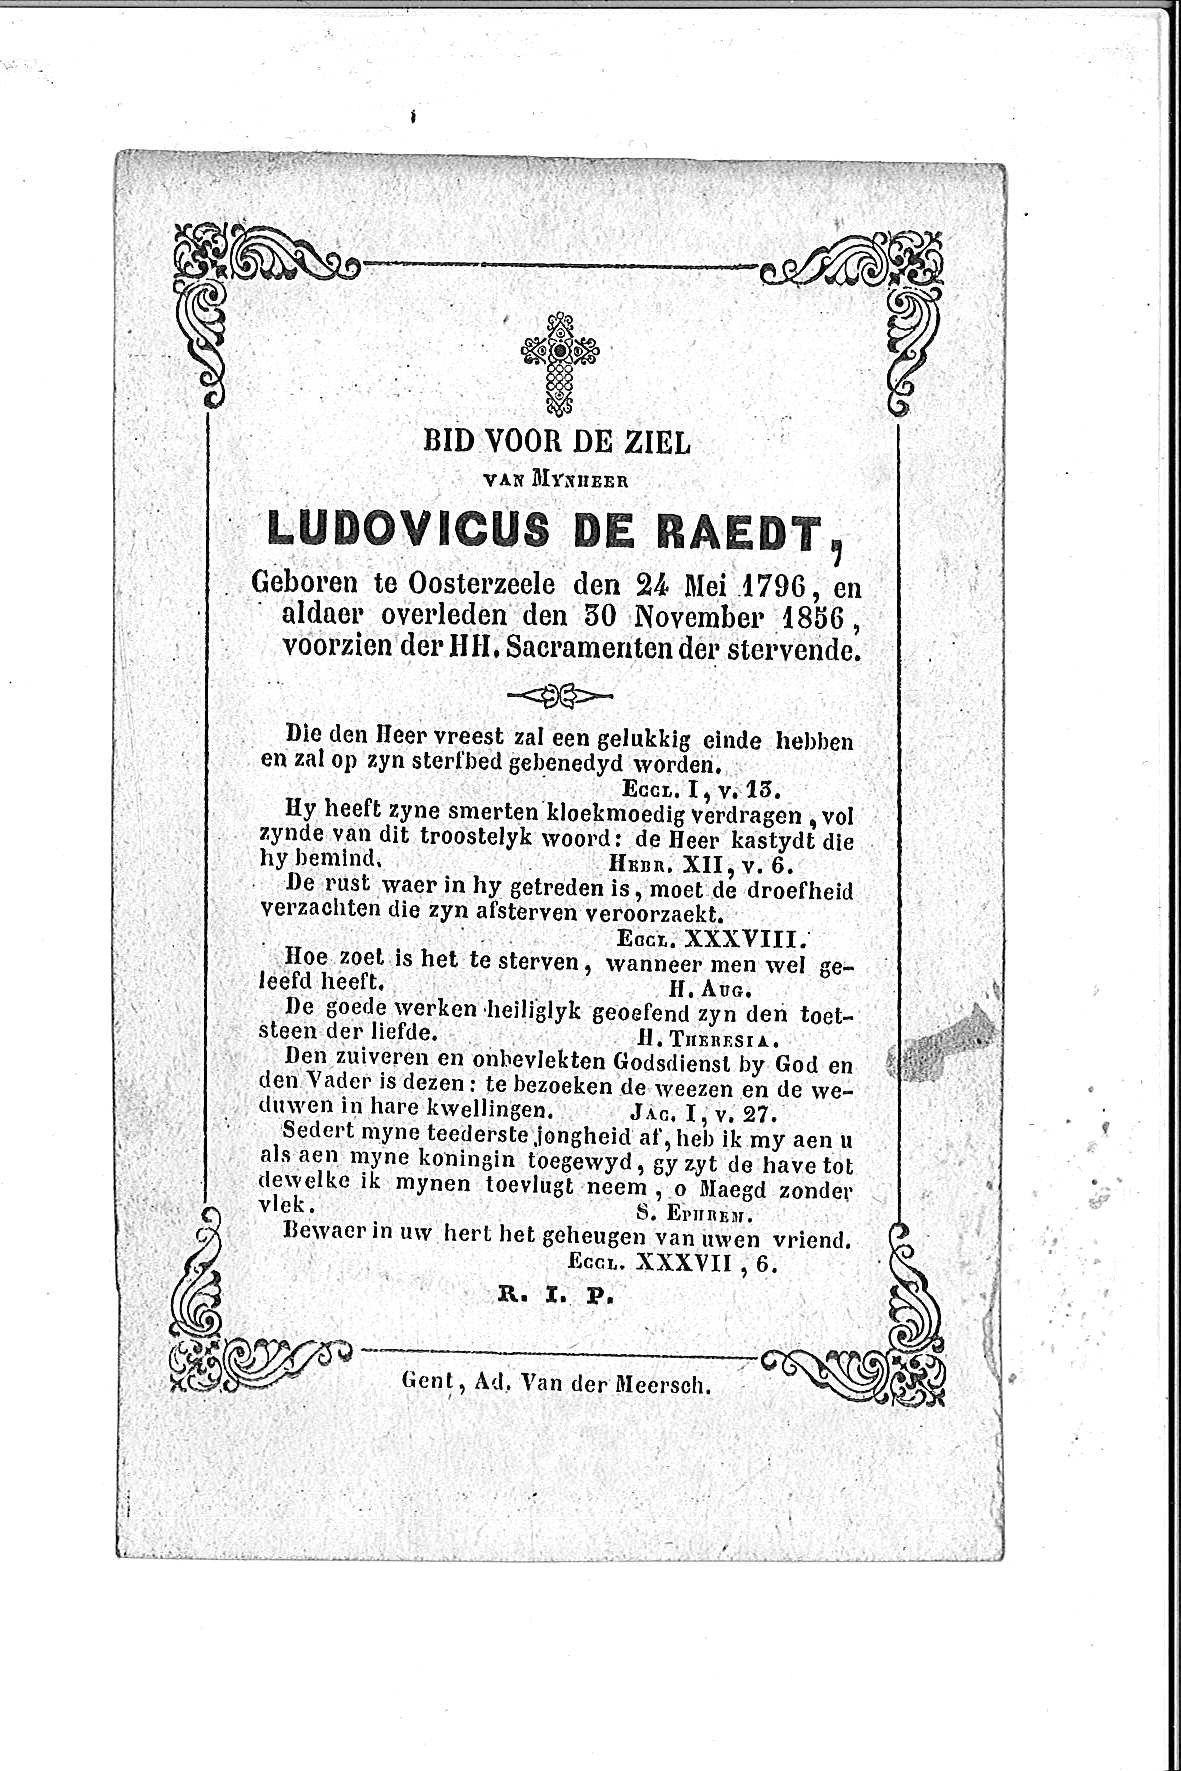 Ludovicus(1856)20150420084903_00061.jpg